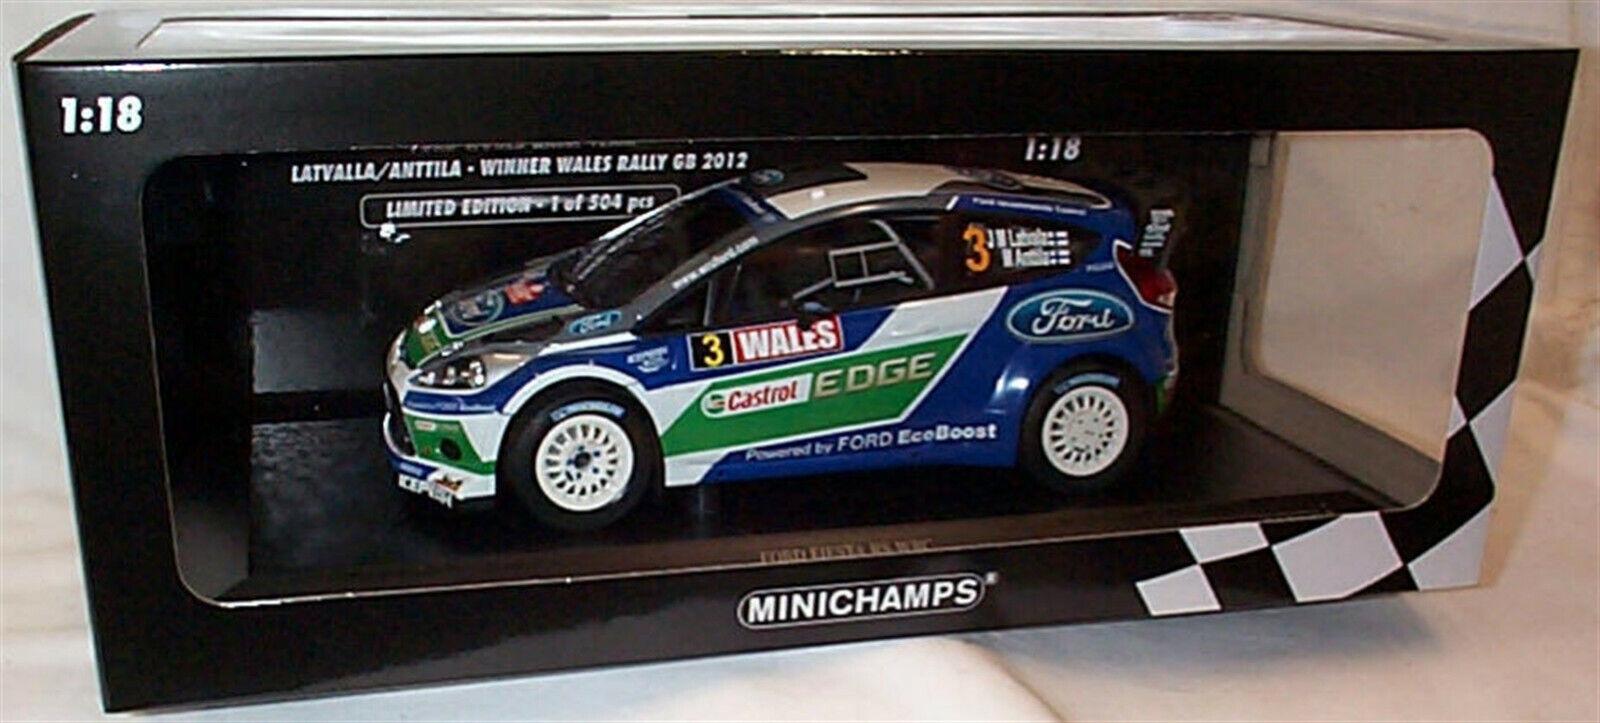 Ford Fiesta RS WRC Winners Wales Rally GB 2012 ltd ed 1-18 New in Box 151120803